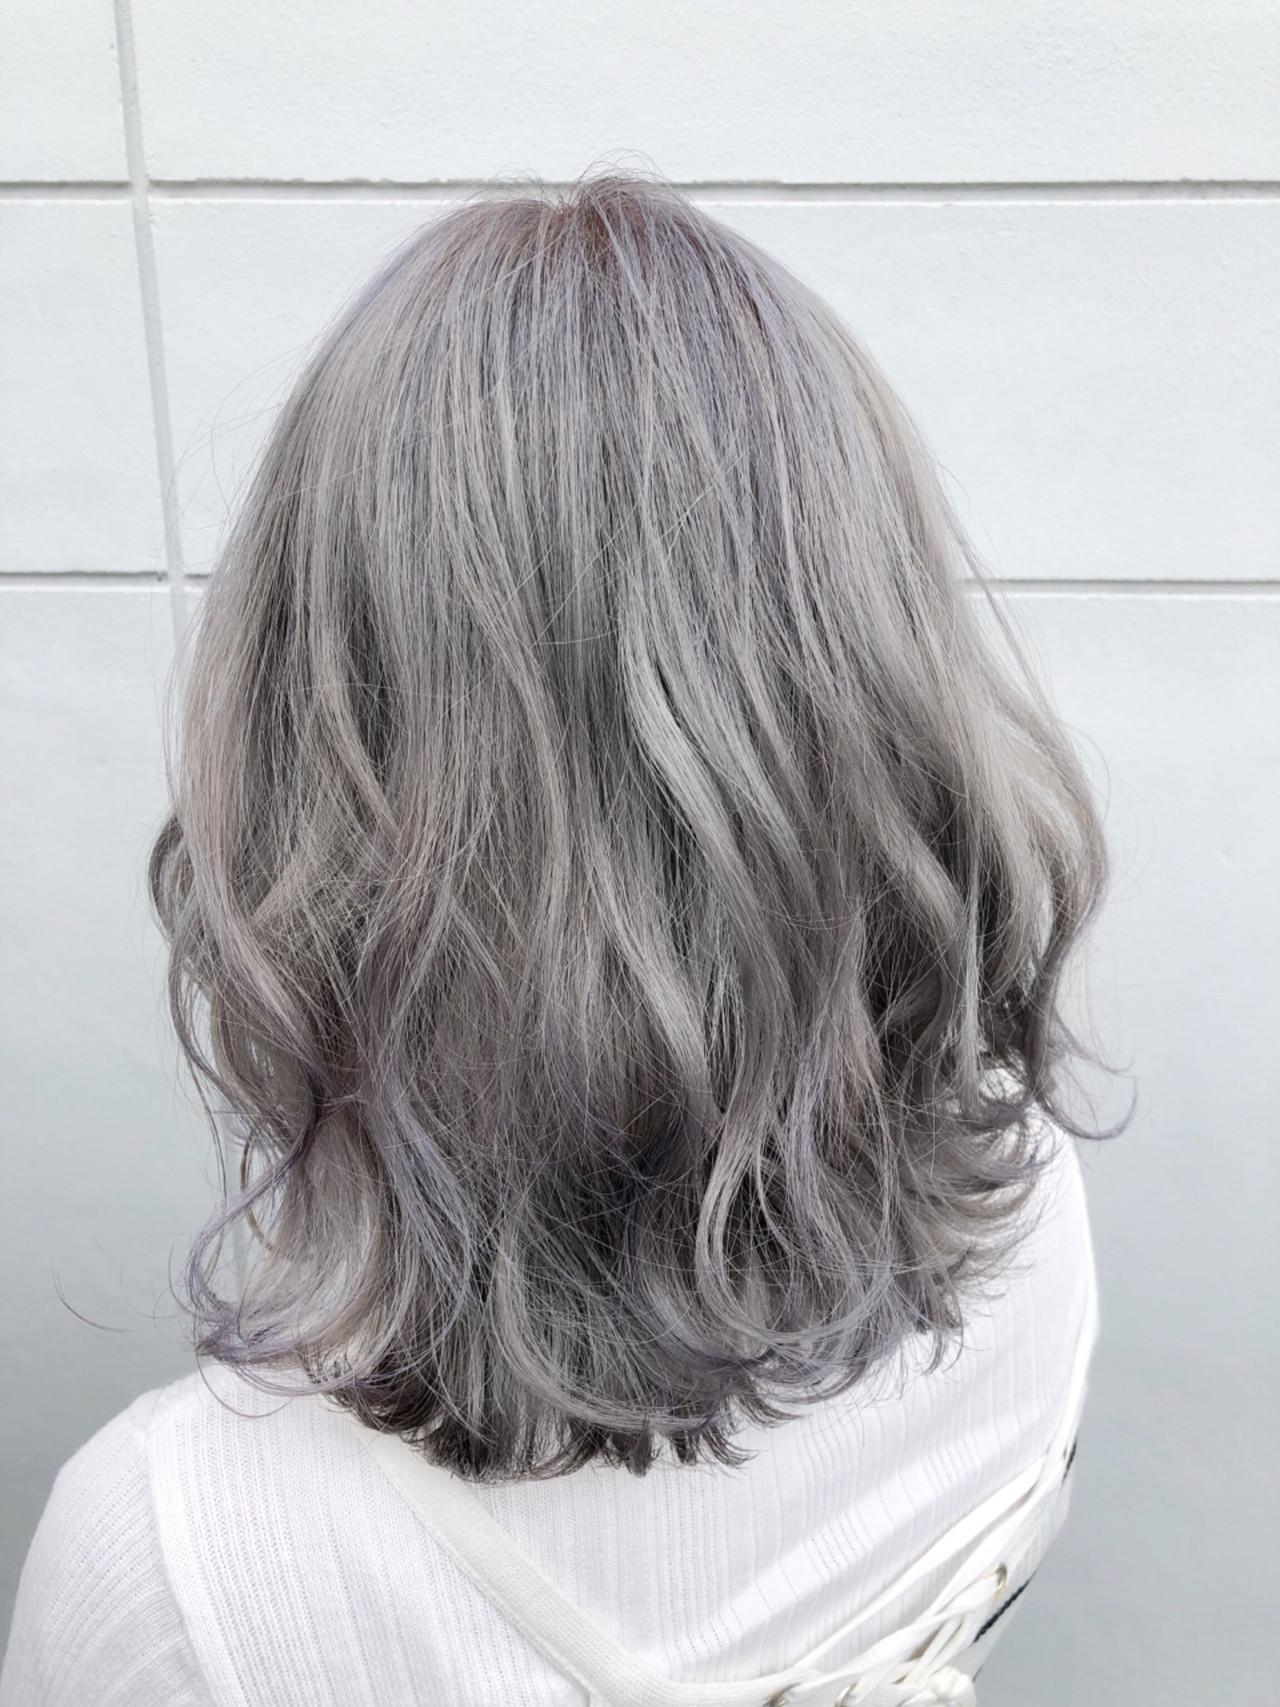 ミディアム ハイライト ホワイト カラフルカラーヘアスタイルや髪型の写真・画像